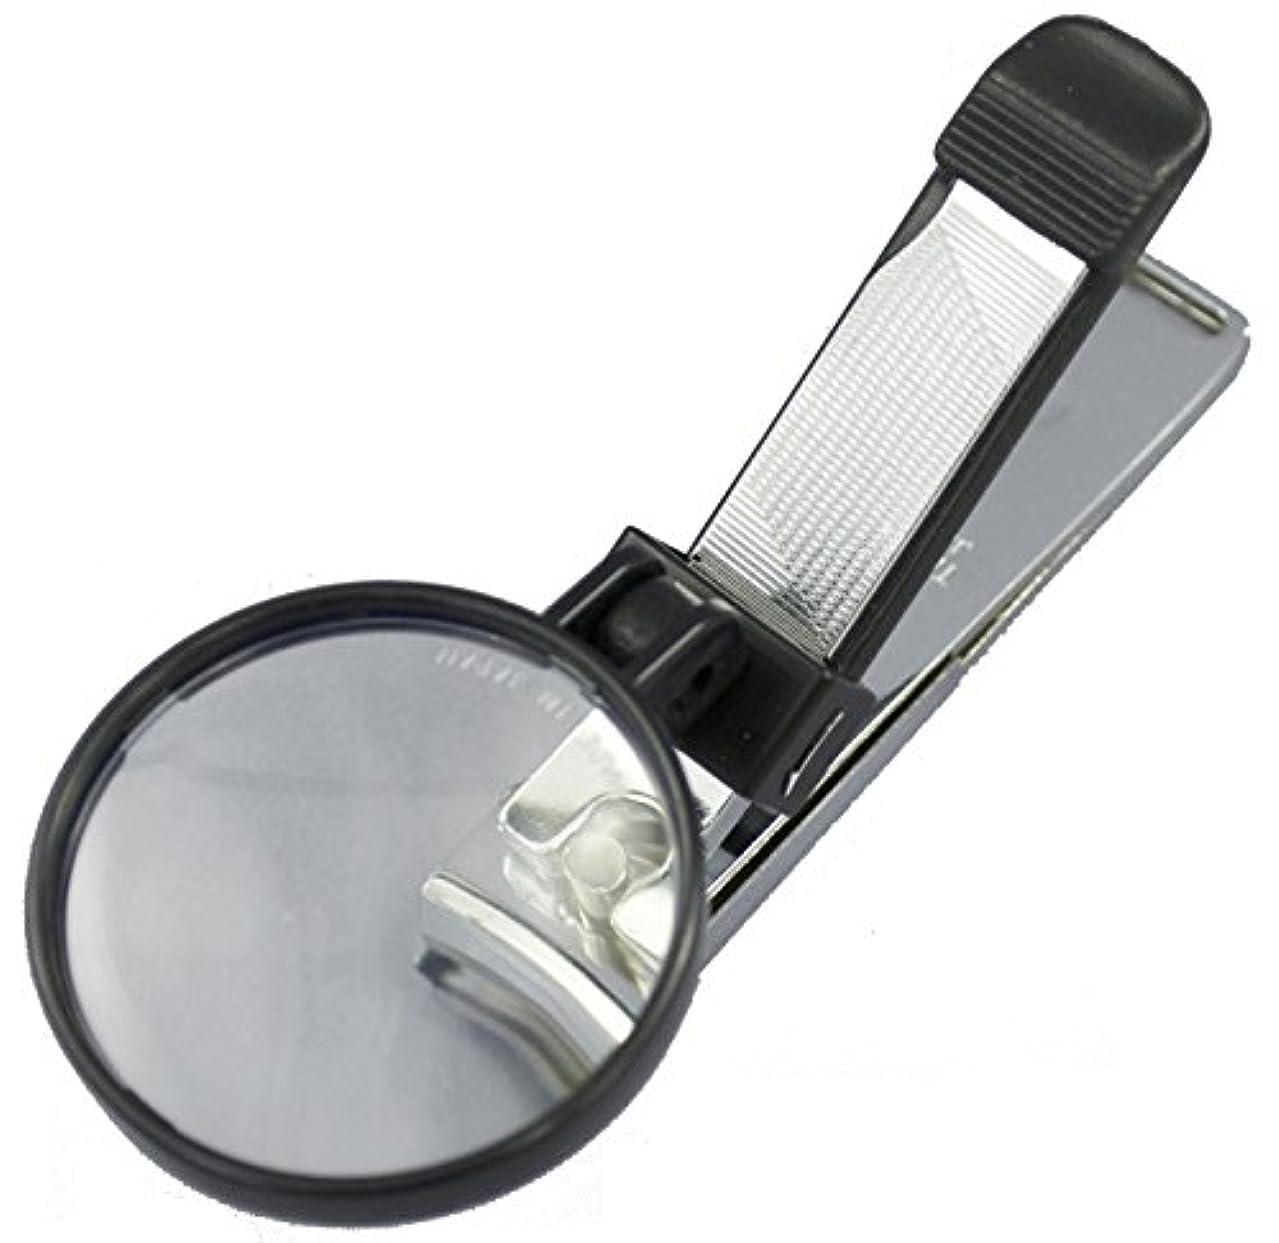 エスカレーター不快解き明かす日本製 拡大レンズ付 爪切り 足爪くん mir 1500L